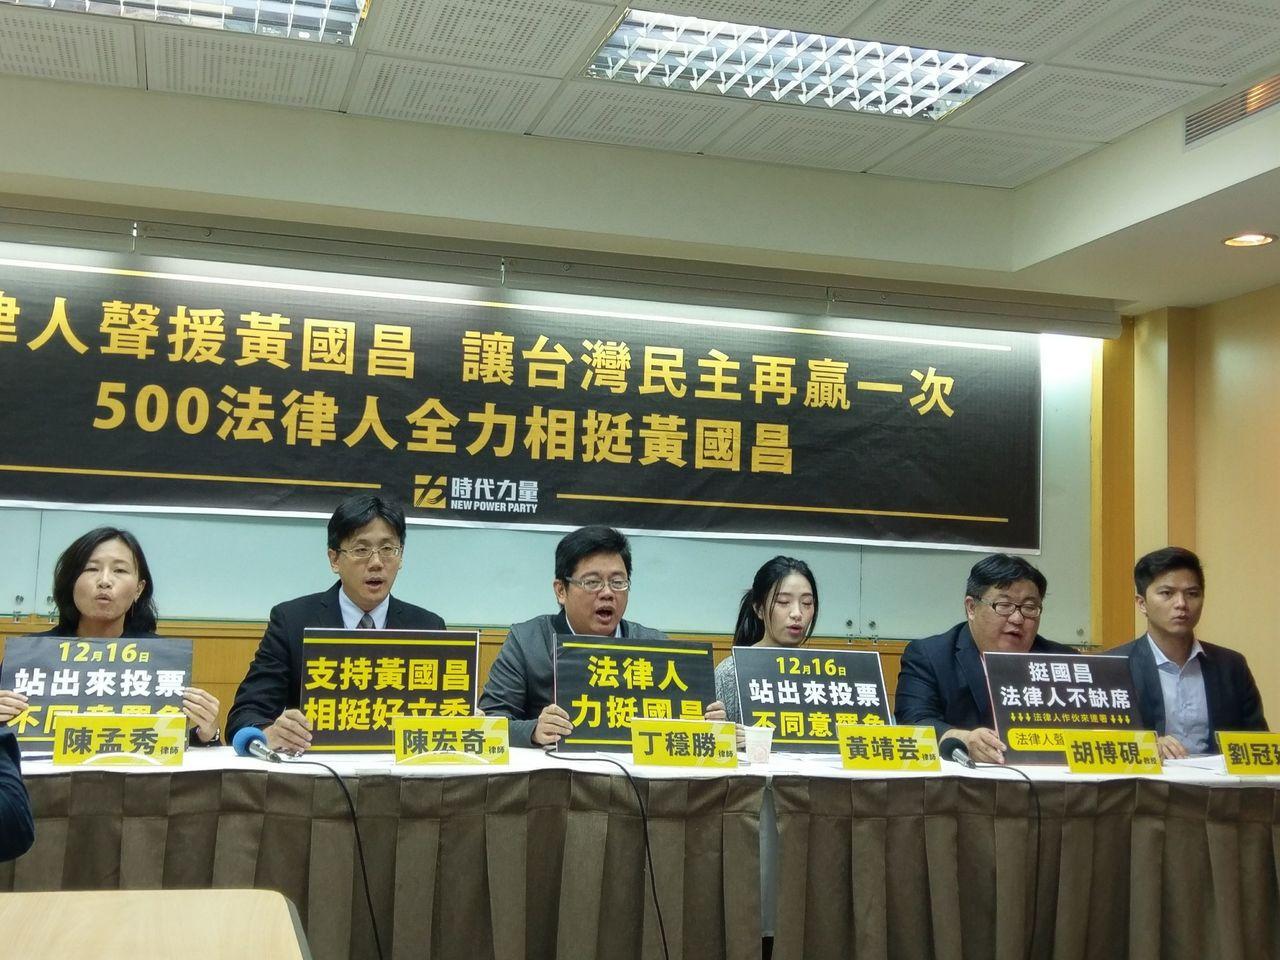 罷昌案將於12月16日投票,超過500位法律人聯署力挺黃國昌並在今天舉行記者會。...